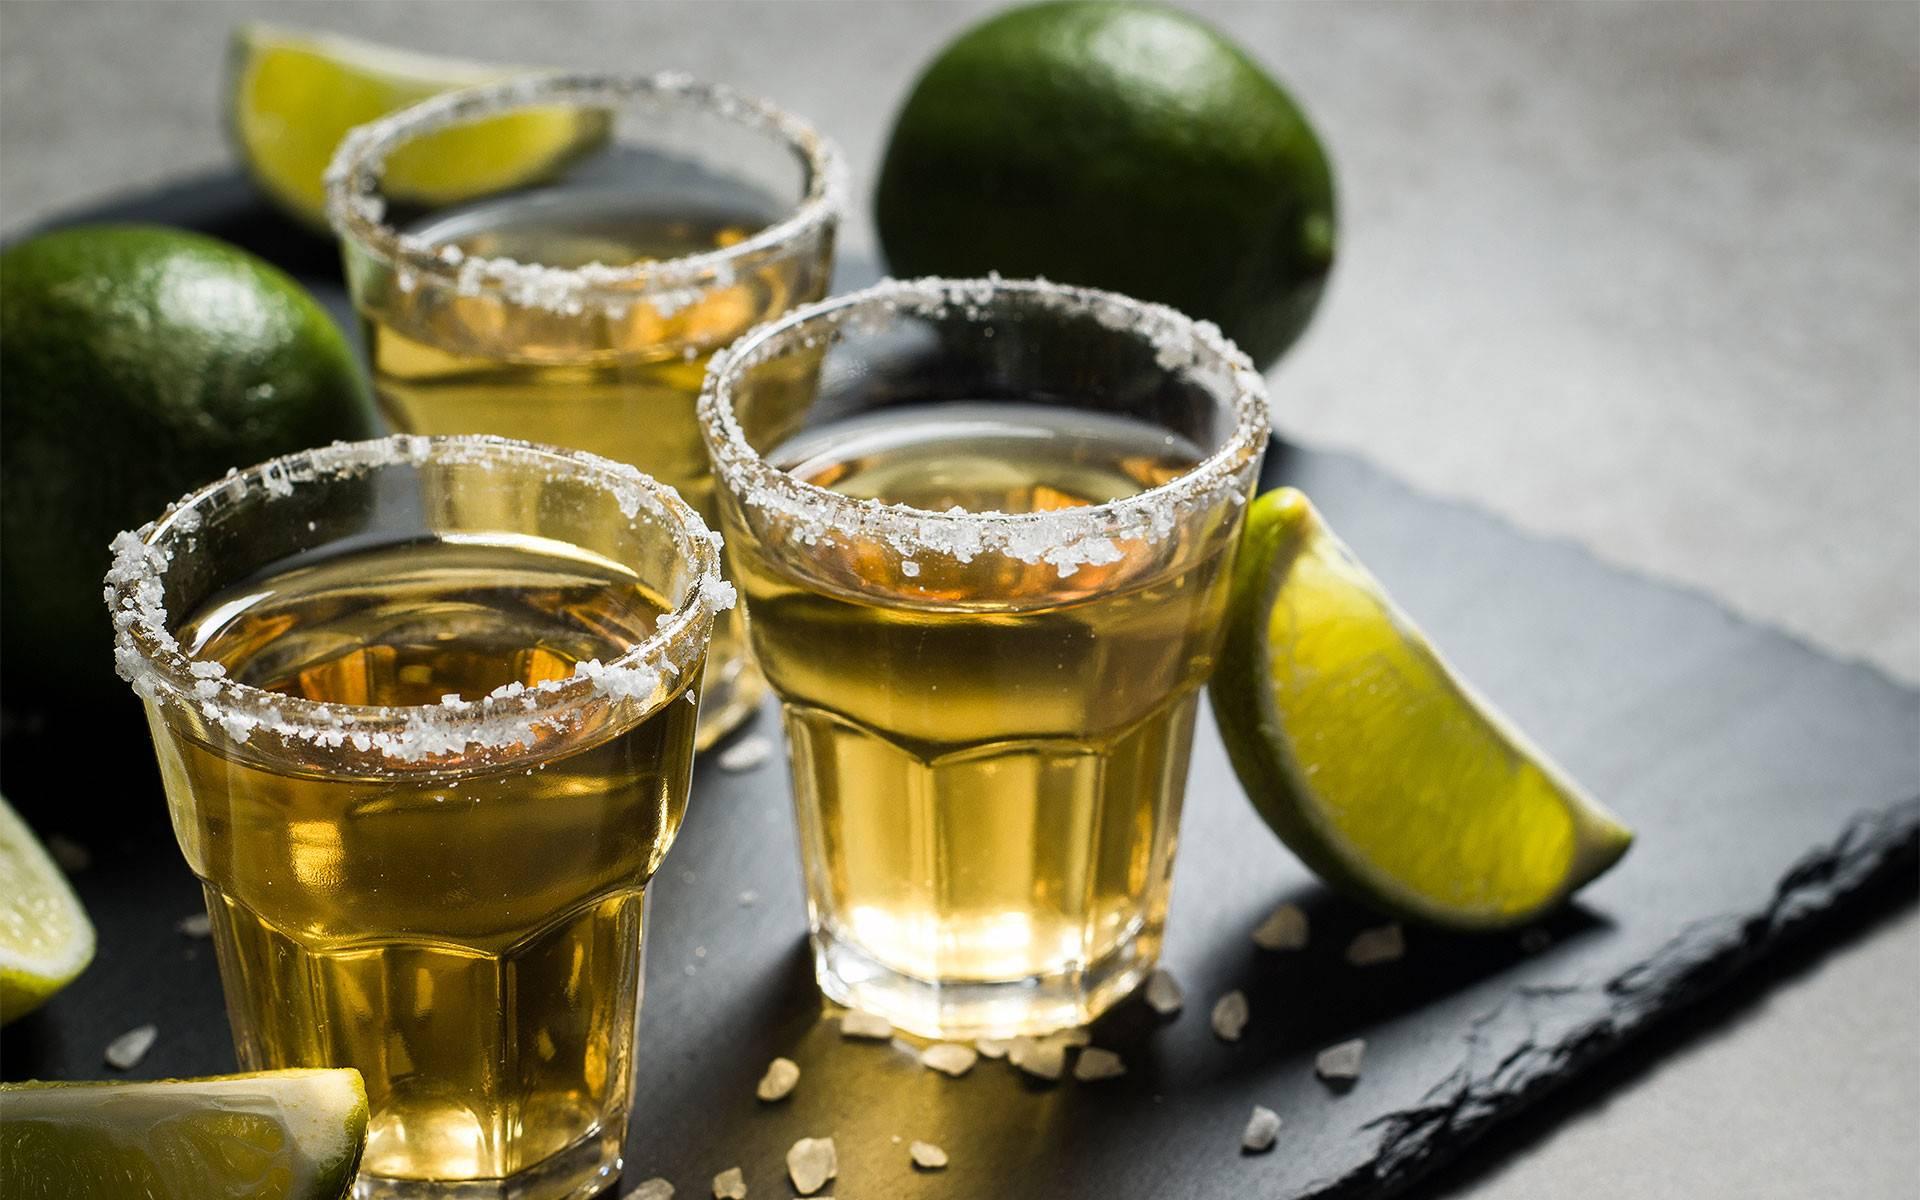 Как пить текилу: основные сведения о напитке, чем закусывать, как разбавить в домашних условиях и как подавать